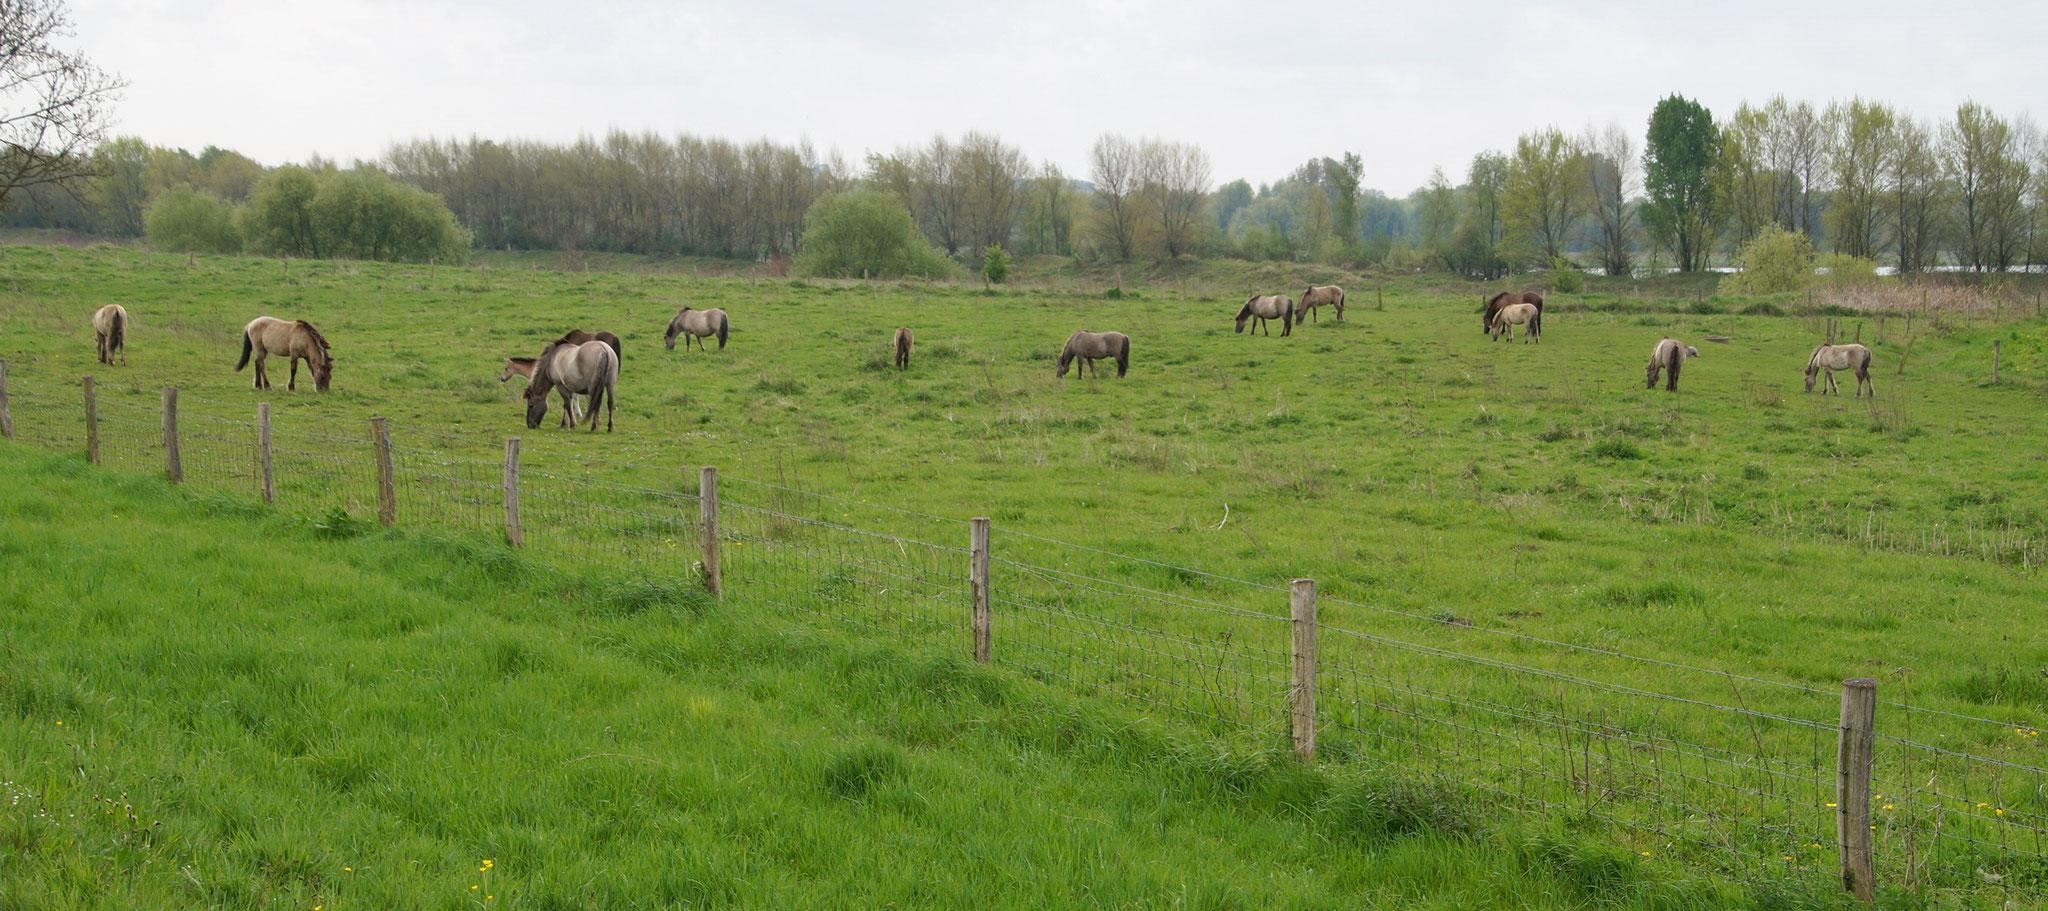 Wildpferde betreiben Landschaftspflege